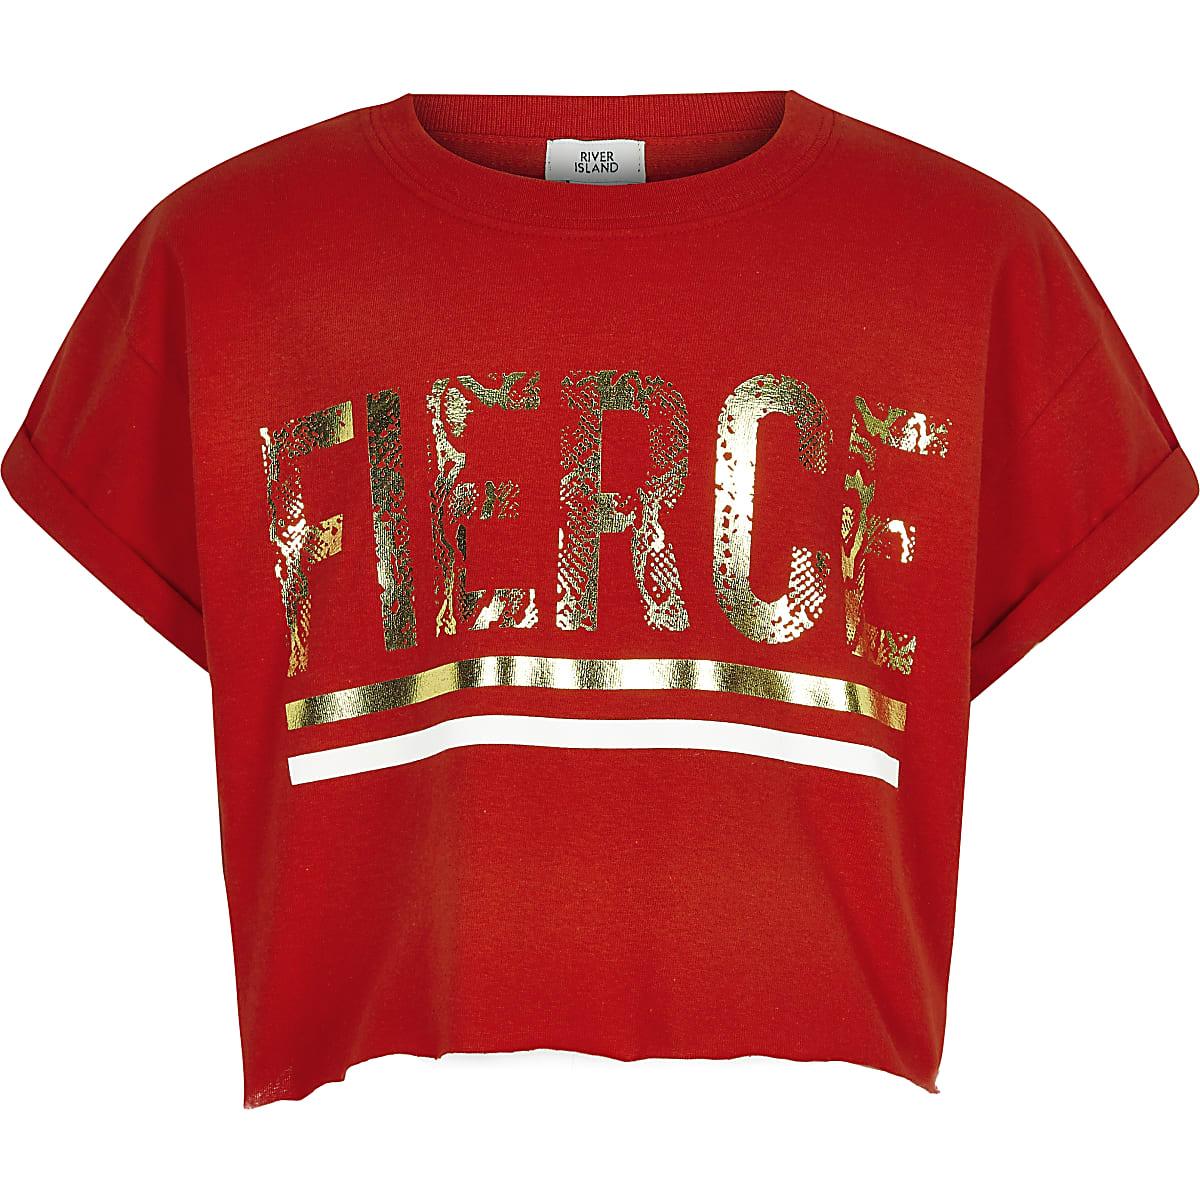 Girls red 'Fierce' T-shirt